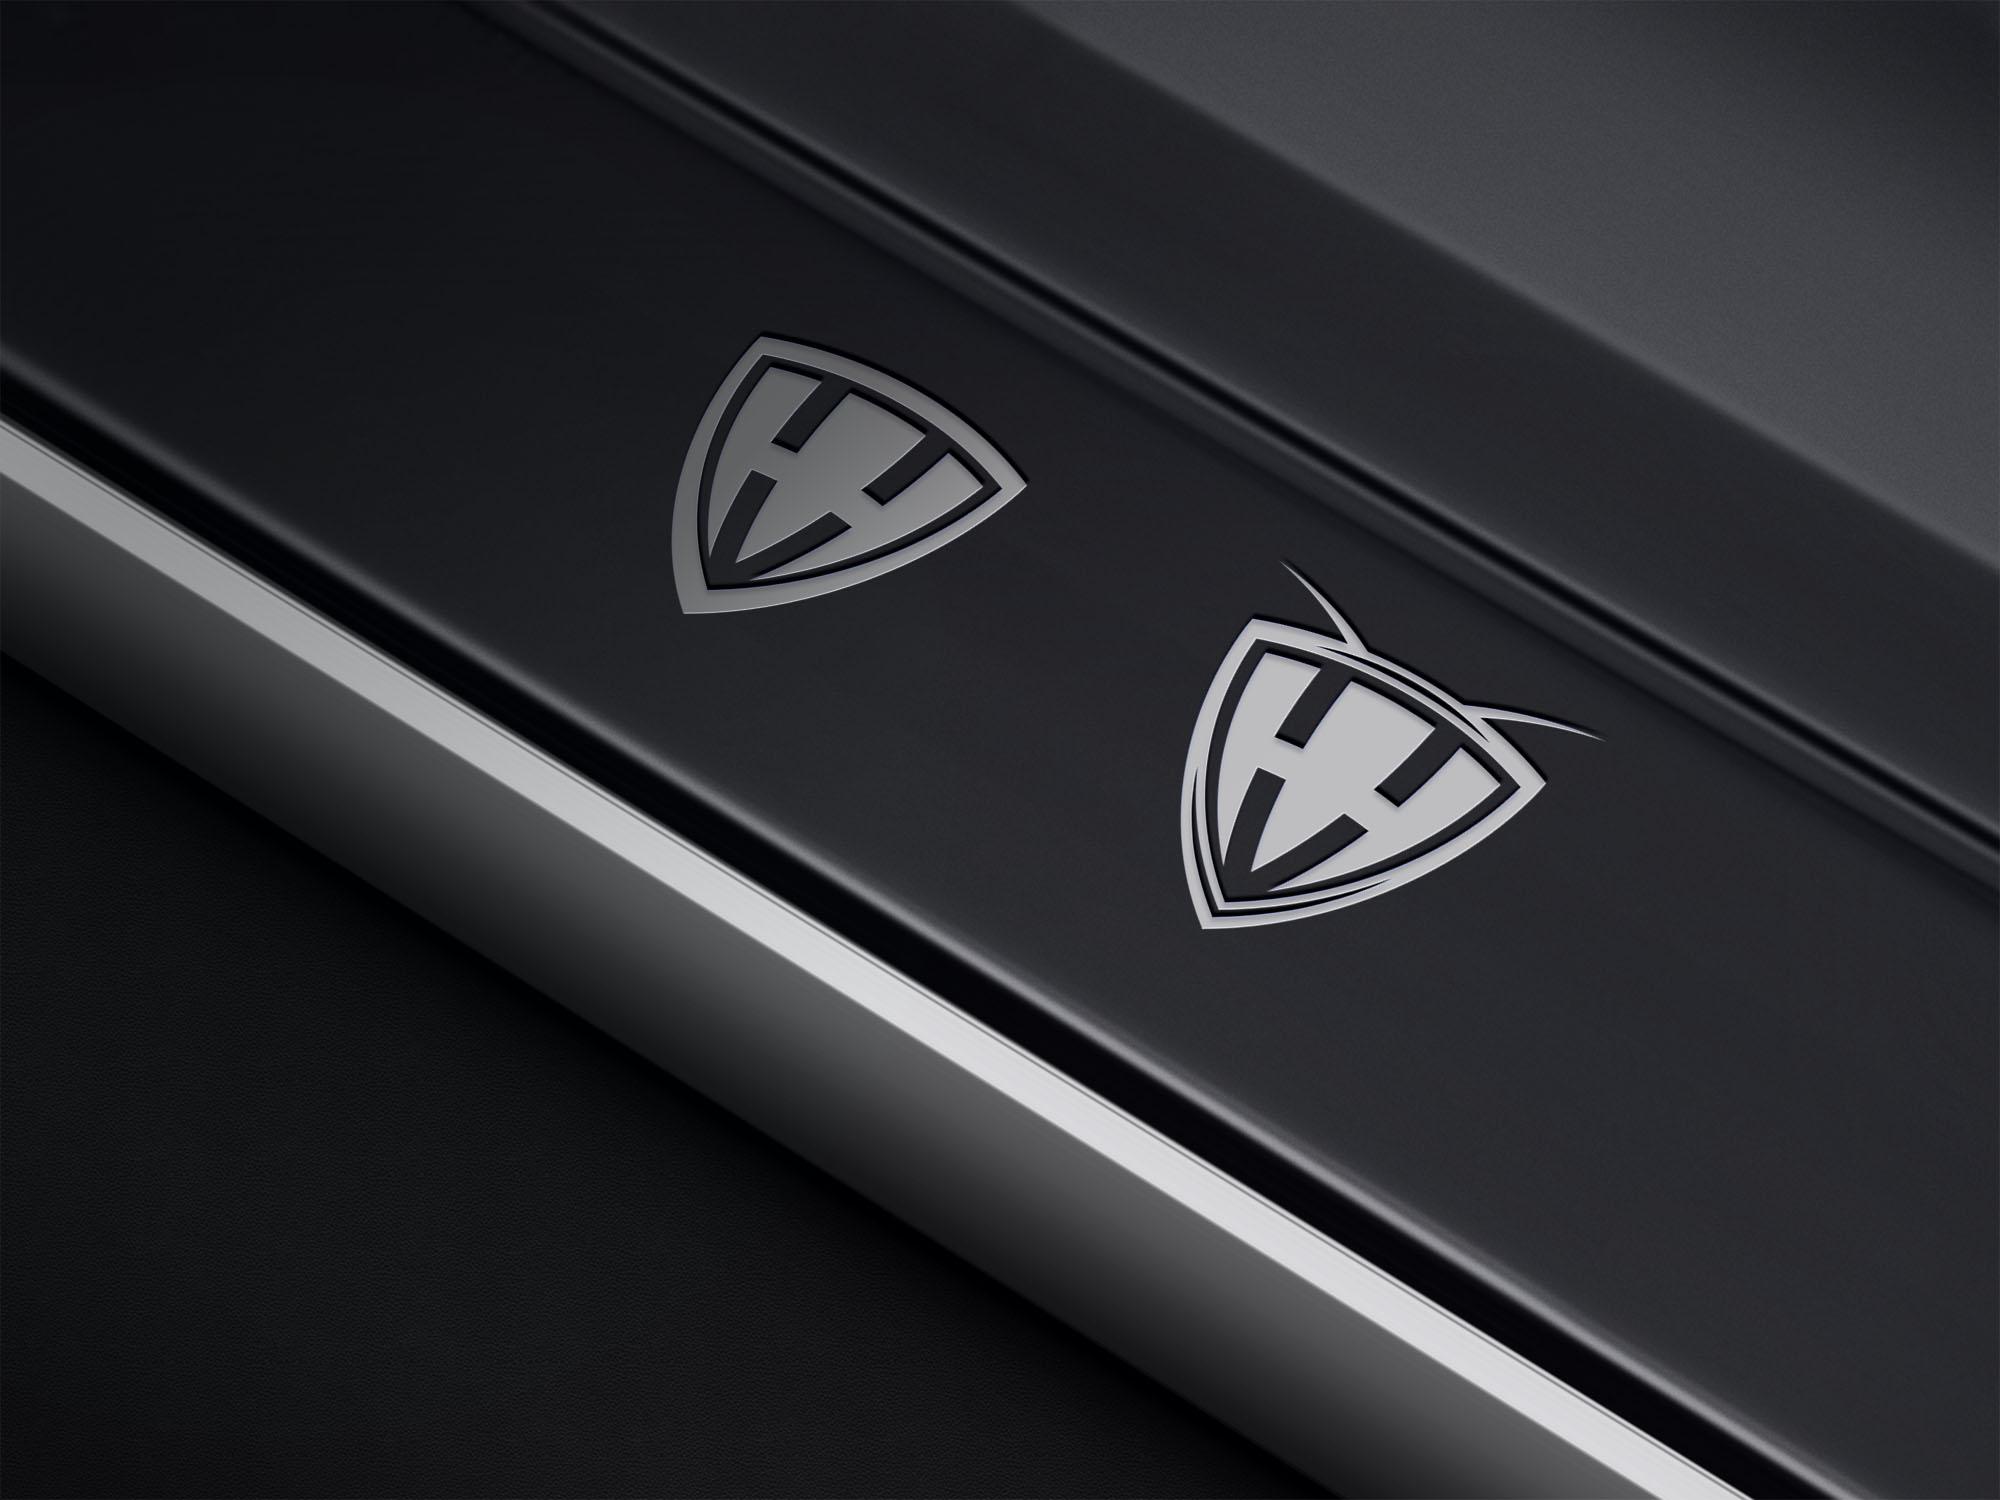 Нужен логотип (эмблема) для самодельного квадроцикла фото f_4855b0635a74cd43.jpg